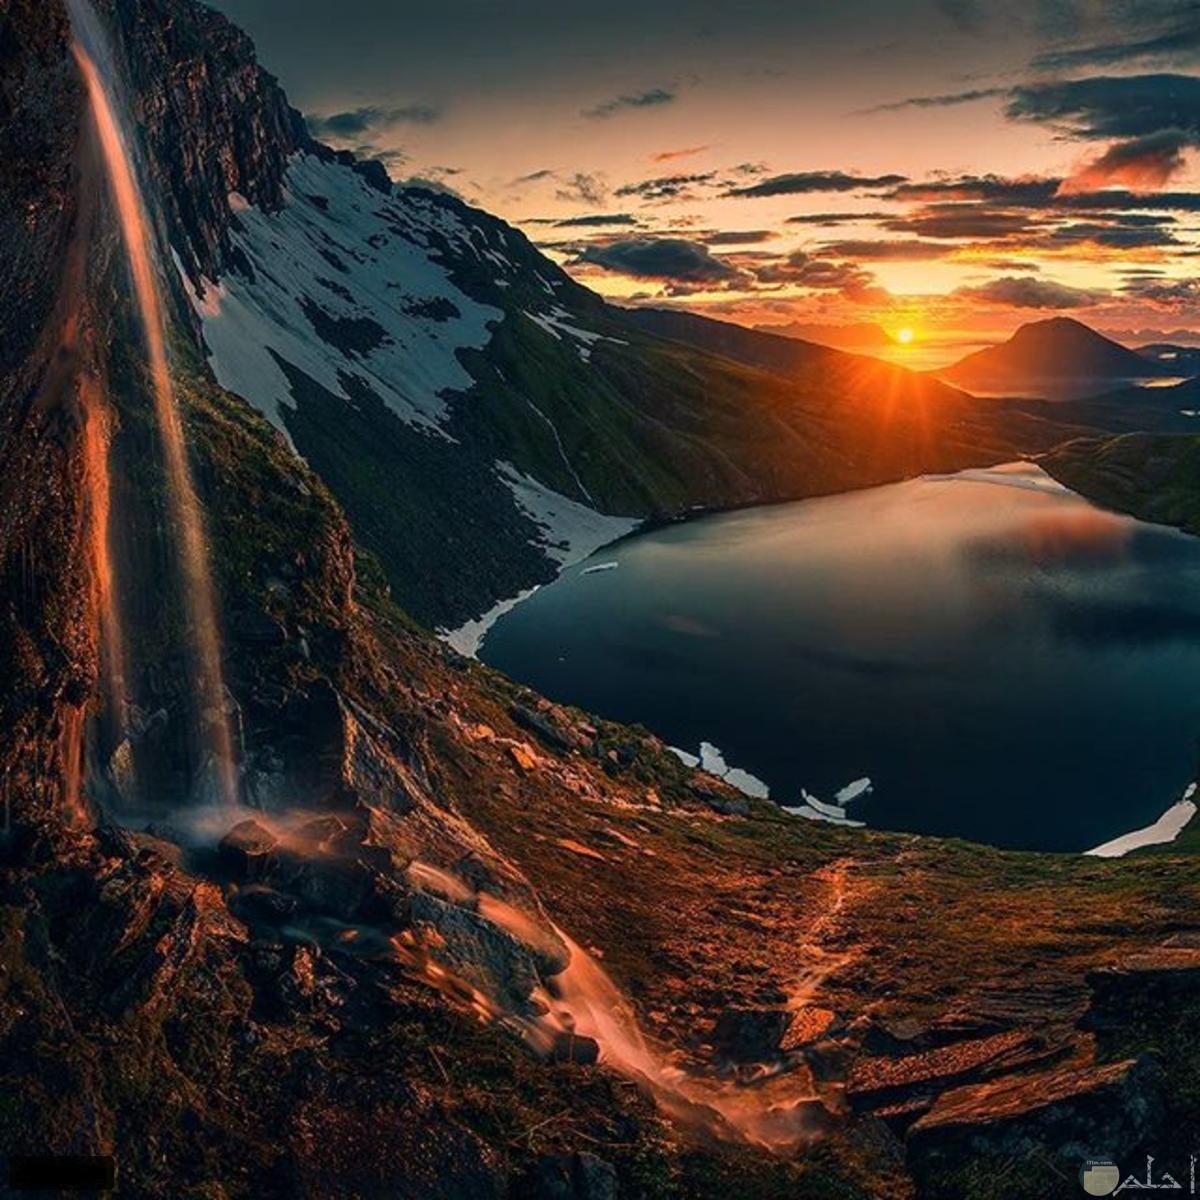 غروب الشمس وراء الجبال.